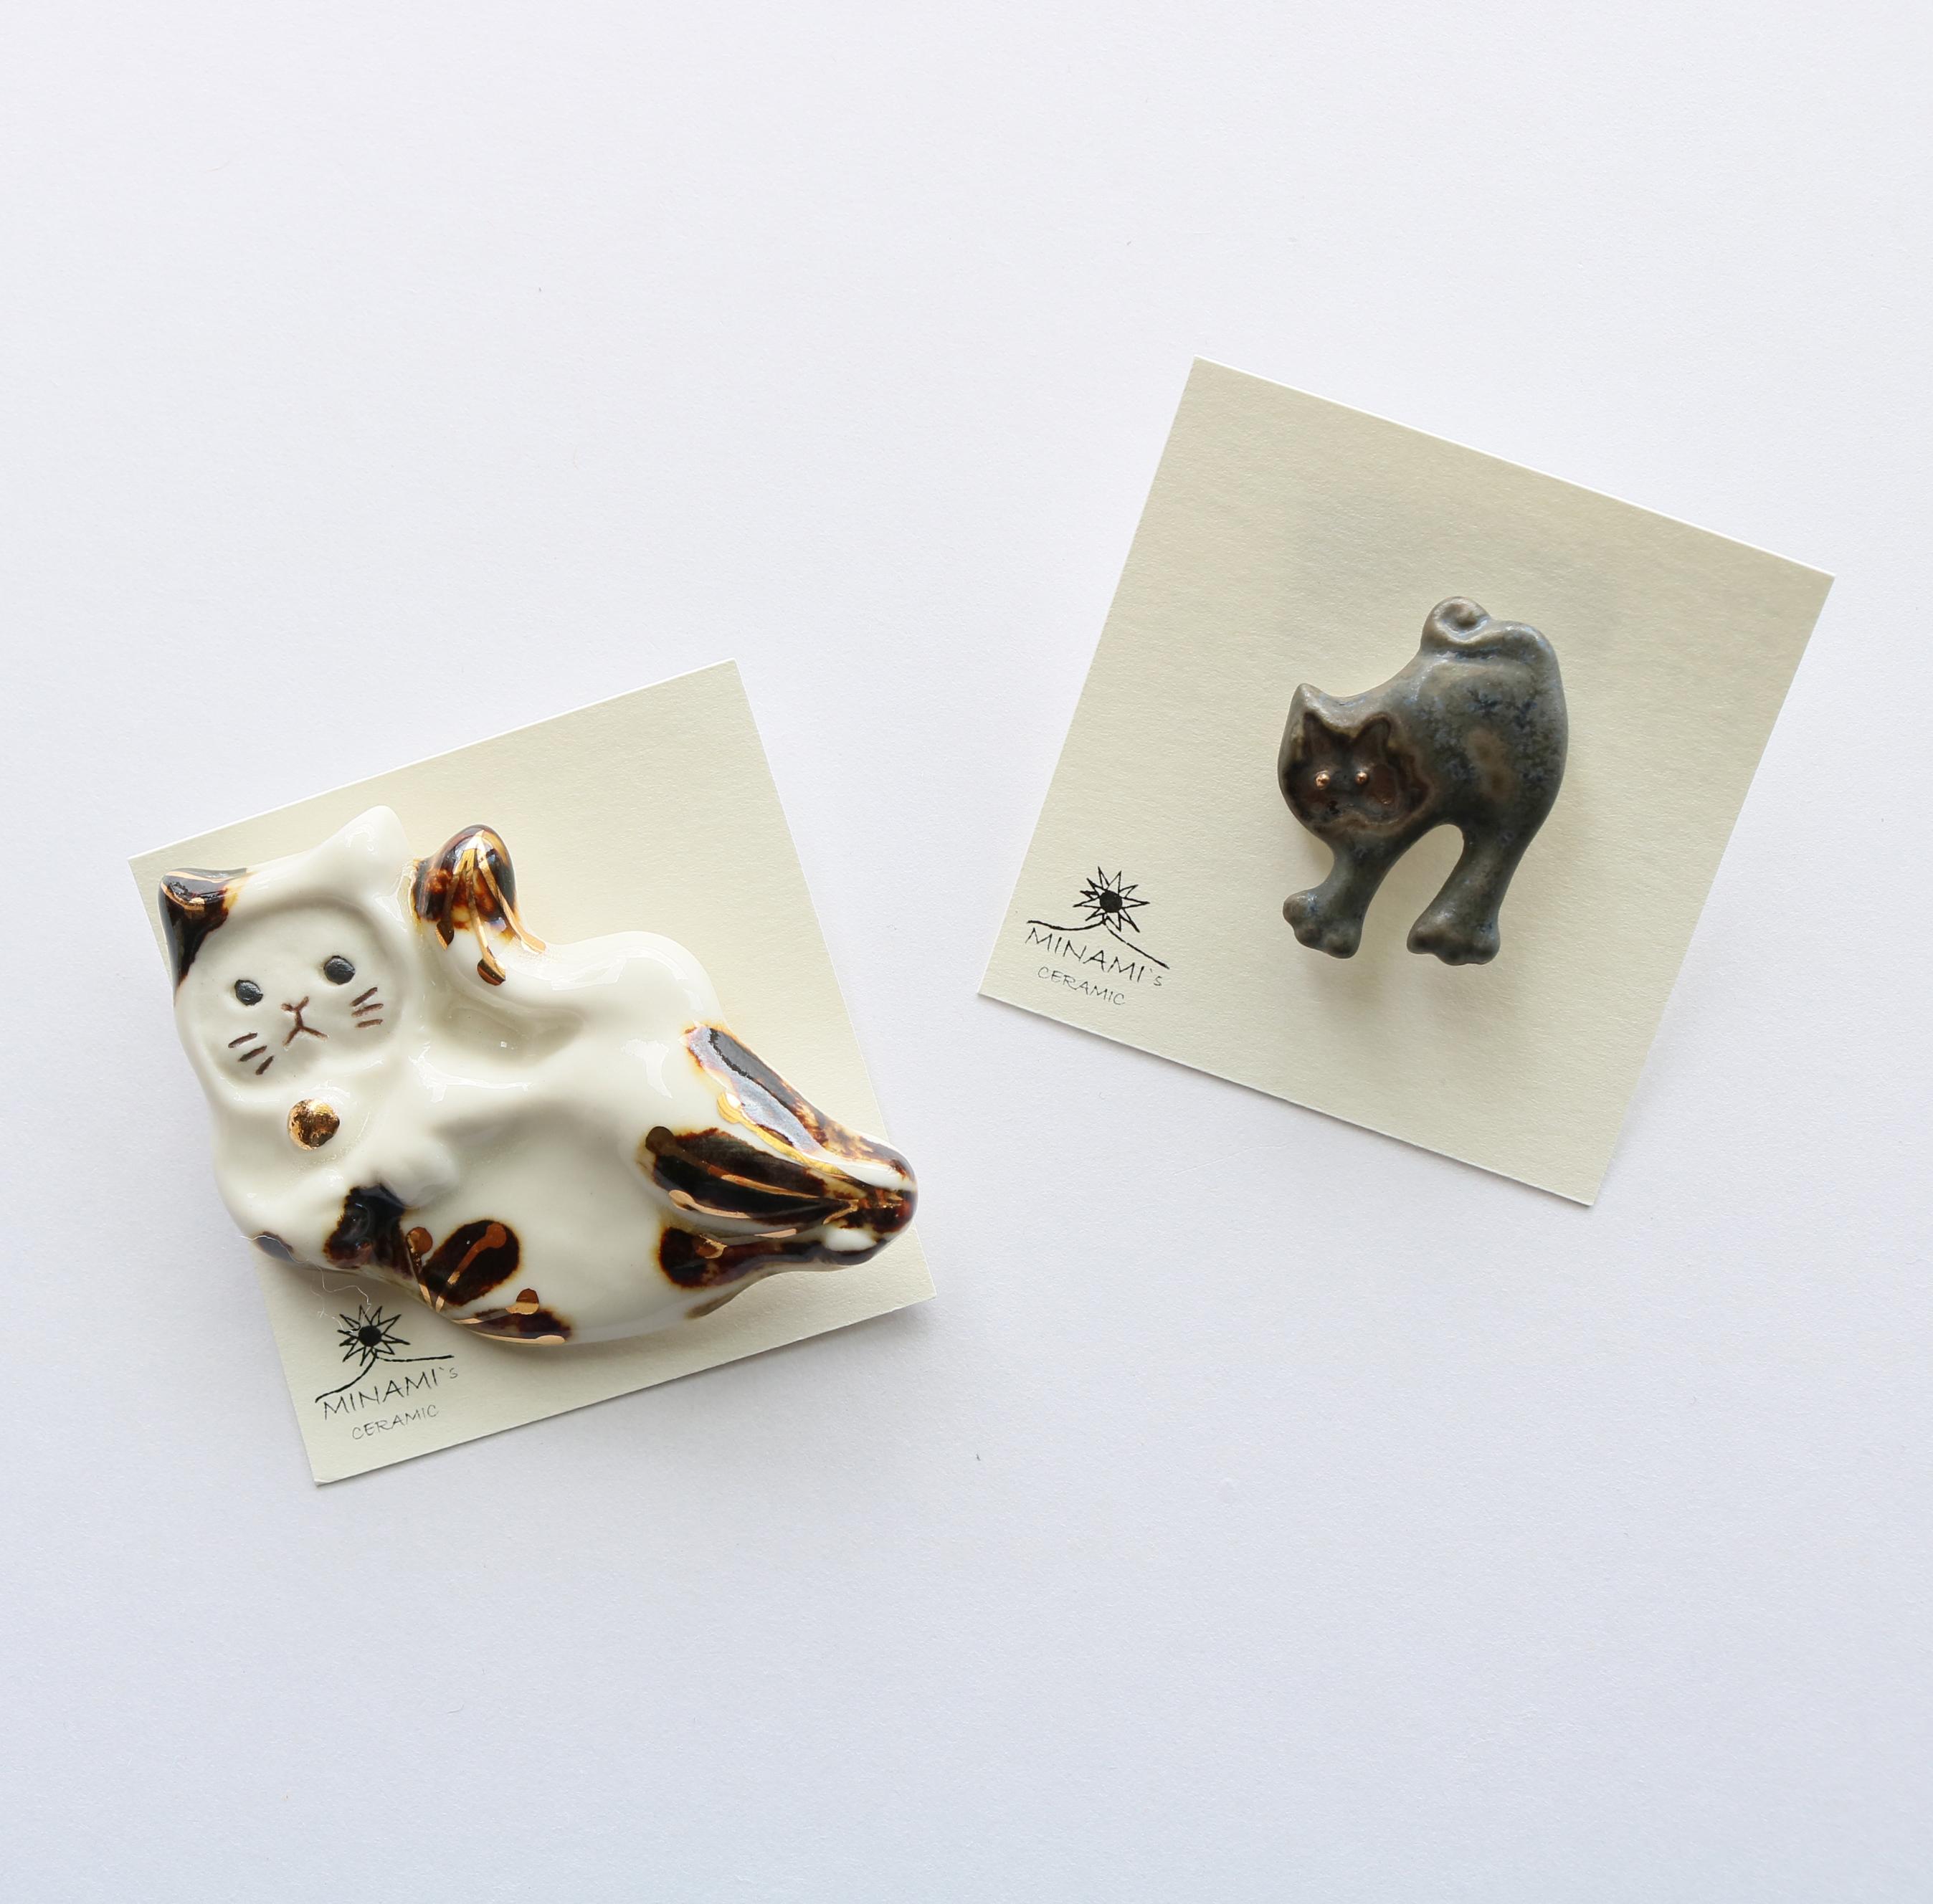 七窯社 美濃焼 タイル ハンドメイドアクセサリー 猫雑貨 猫グッズ 秋田 かぎしっぽ